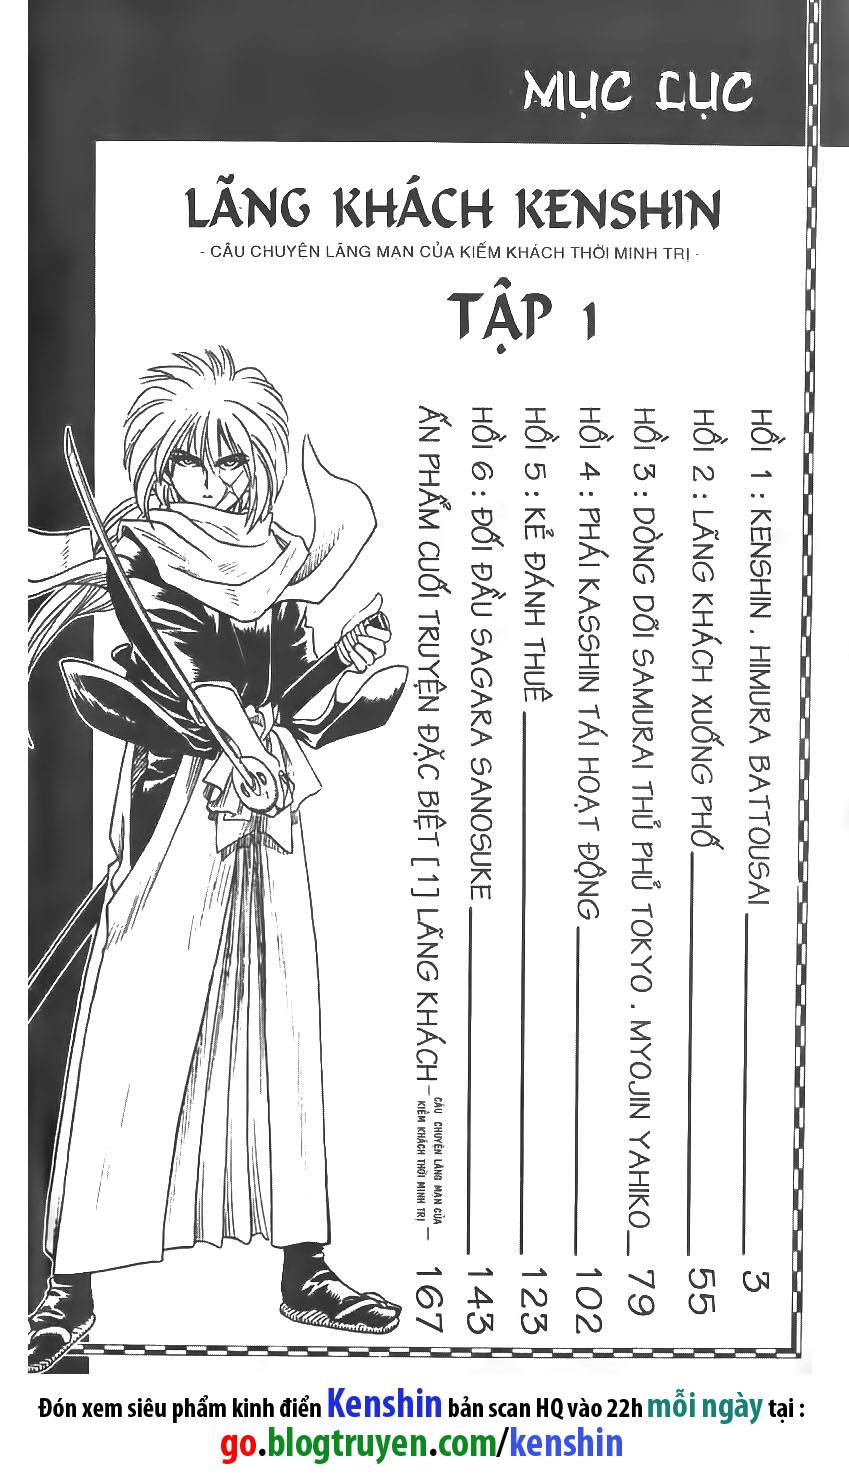 Rurouni Kenshin chap 1 trang 1